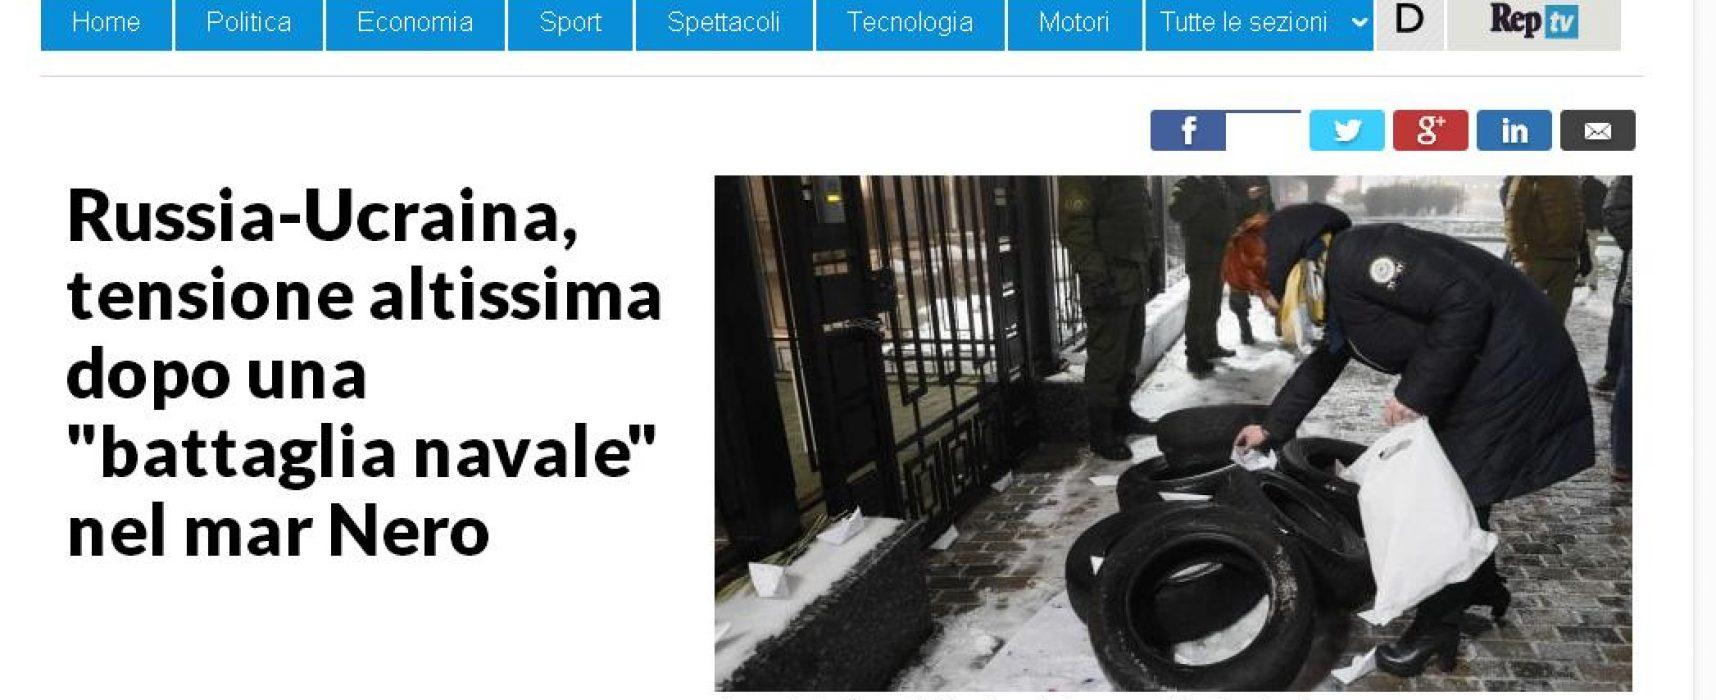 """Fake: La Repubblica, l'artiglieria ucraina ha cominciato a sparare contro """"zone residenziali"""""""